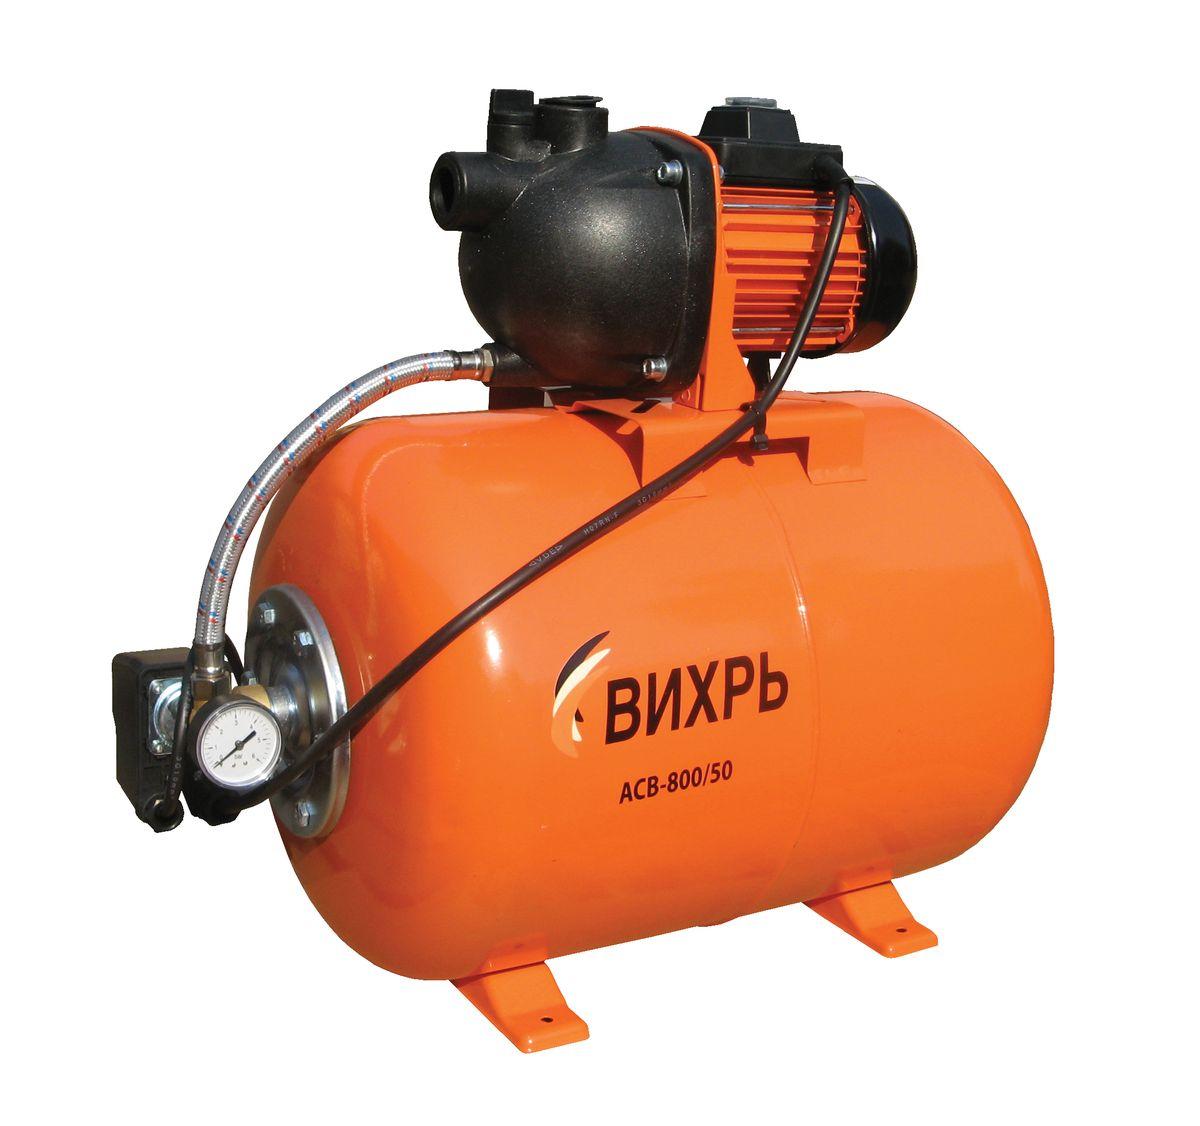 Насосная станция Вихрь АСВ-800/5068/1/3Насосная станция Вихрь АСВ-800/50 предназначена для бесперебойного водоснабжения в автоматическом режиме, коттеджей, дач, ферм и других потребителей. При этом она автоматически поддерживает необходимое давление в системе водоснабжения, самостоятельно включаясь и отключаясь по мере расходования воды потребителями.Встроенный датчик давления обеспечивает автоматическое включение насоса в случае необходимости. Гидроаккумулятор служит для аккумулирования воды под давлением и сглаживания гидроударов. Он состоит из стального резервуара со сменной мембраной из пищевой резины и имеет пневмоклапан для закачивания сжатого воздуха.Насос со встроенным эжектором, сочетает преимущества центробежных с практичностью самовсасывающих насосов. Встроенный внутренний эжектор с системой труб Вентури обеспечивает хорошие условия всасывания на входе в насос и позволяет создать высокое давление на выходе. Они позволяют перекачивать воду с меньшими, по сравнению с обычными центробежными насосами, требованиями к чистоте и наличию растворенных газов. Рабочее колесо и проточный блок направляющий аппарат - трубка Вентури - сопло выполнены из износостойких пластических материалов.Насосная станция не может использоваться на открытом воздухе при температуре окружающей среды ниже +1°С. Запрещается перекачивание горячей (выше +50°С) воды.